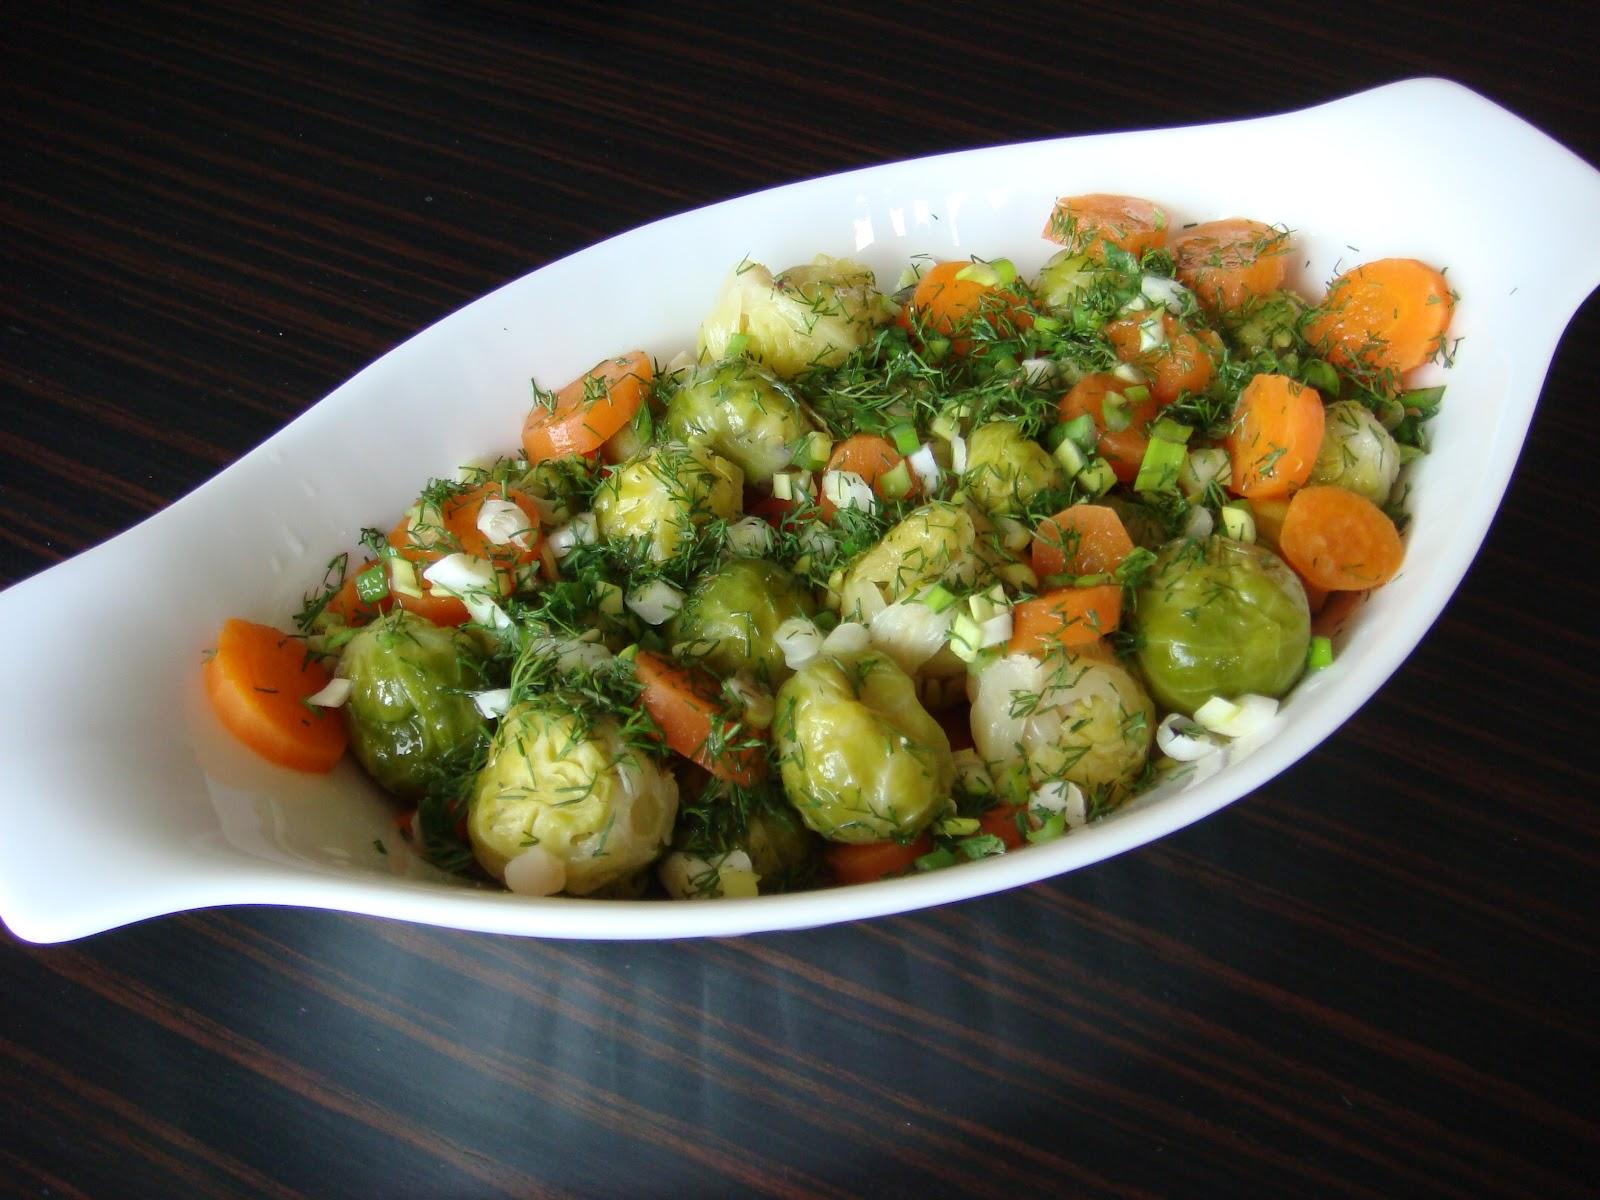 Patates salatası bir gün önceden yapılır mı ile Etiketlenen Konular 95